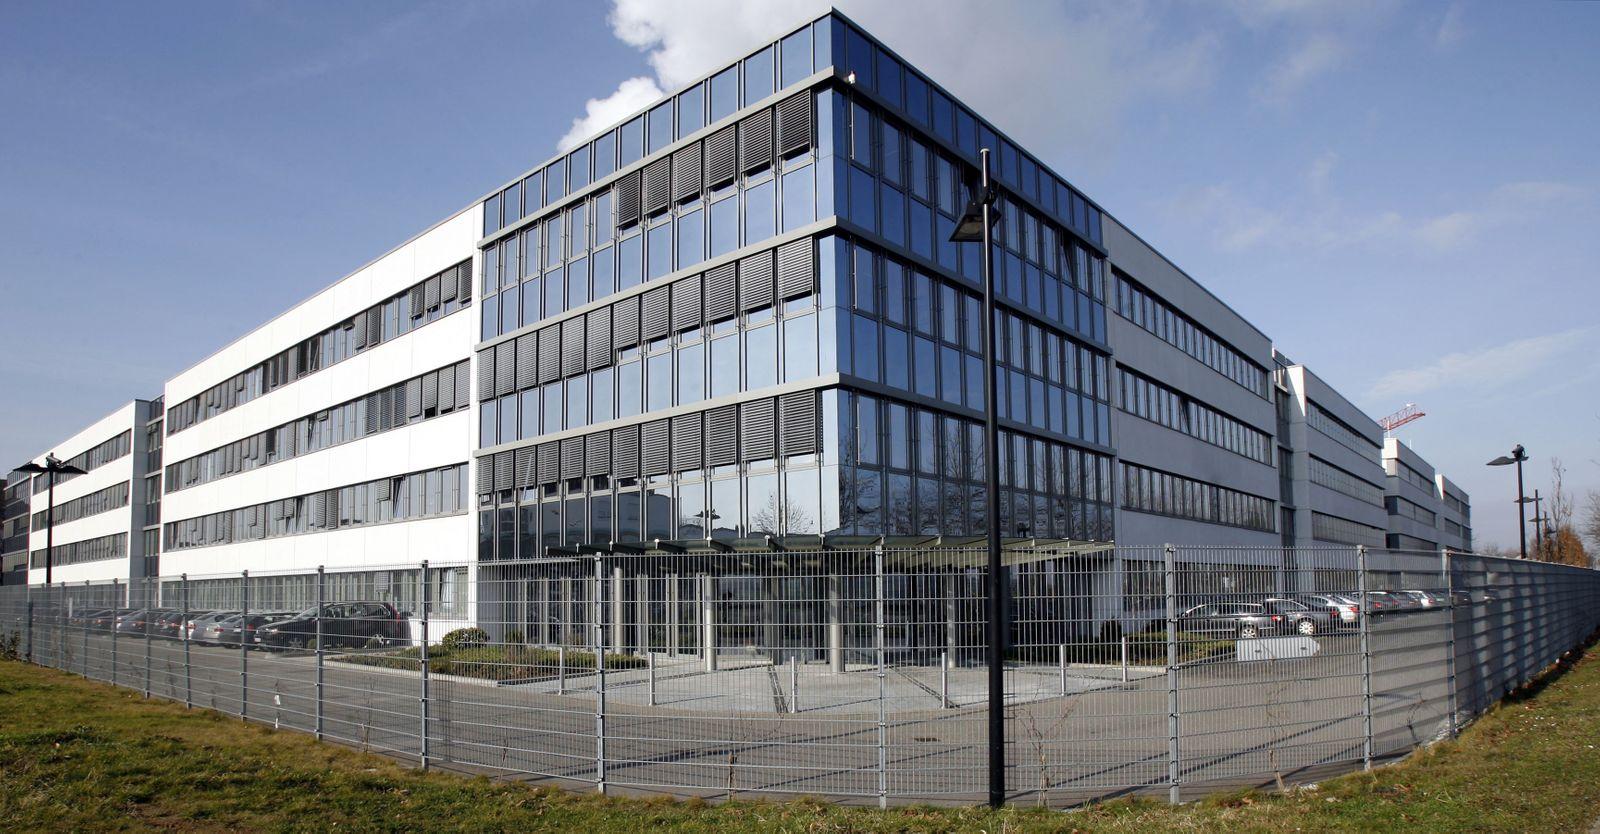 Lidl Zentrale / Die Zentrale der Schwarz-Gruppe